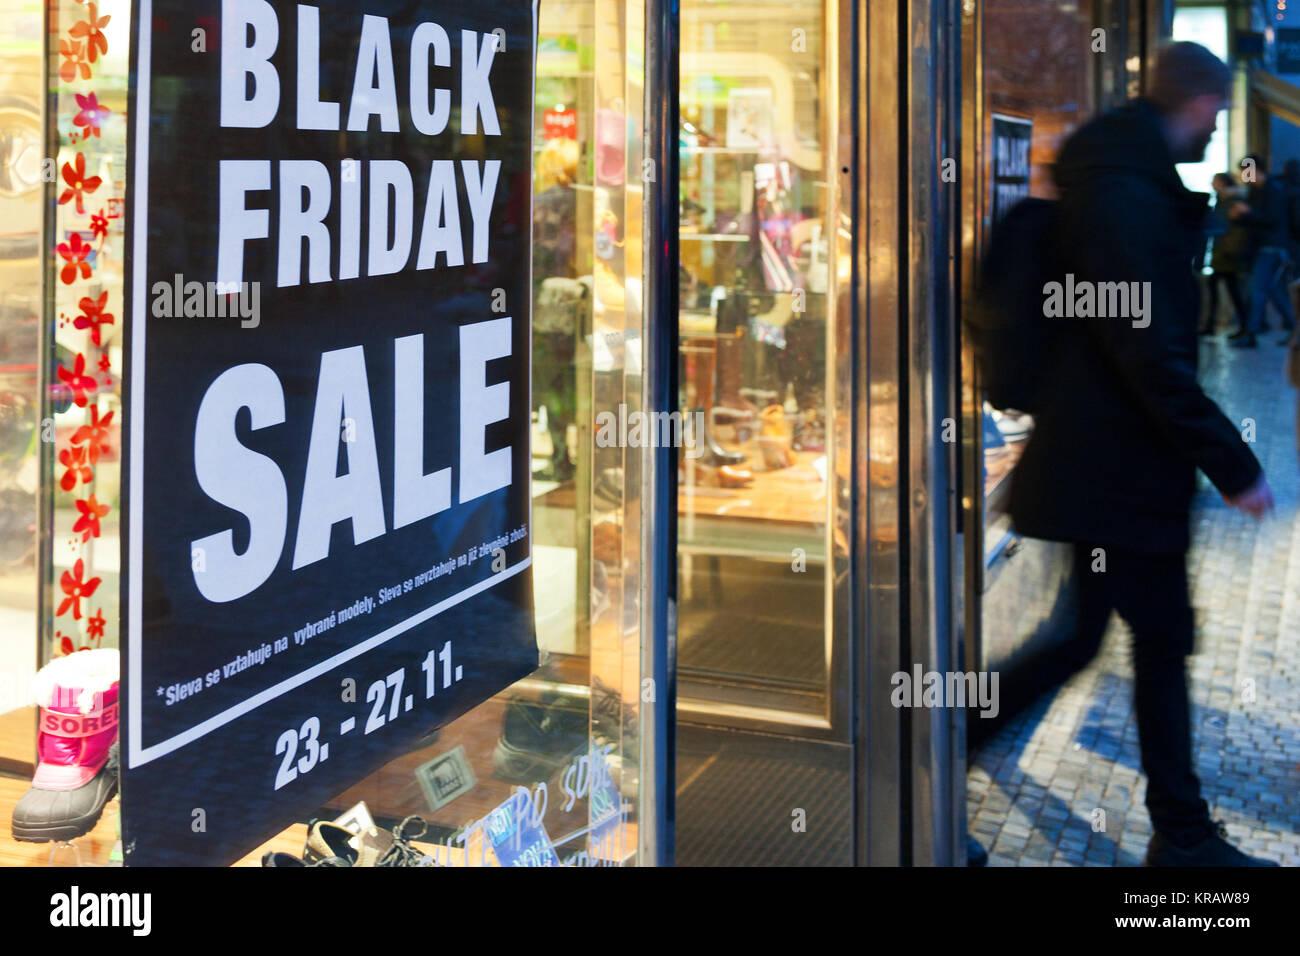 české nakupování - slevy a výprodej - černý pátek / czech shopping - sale and discount - Stock Image